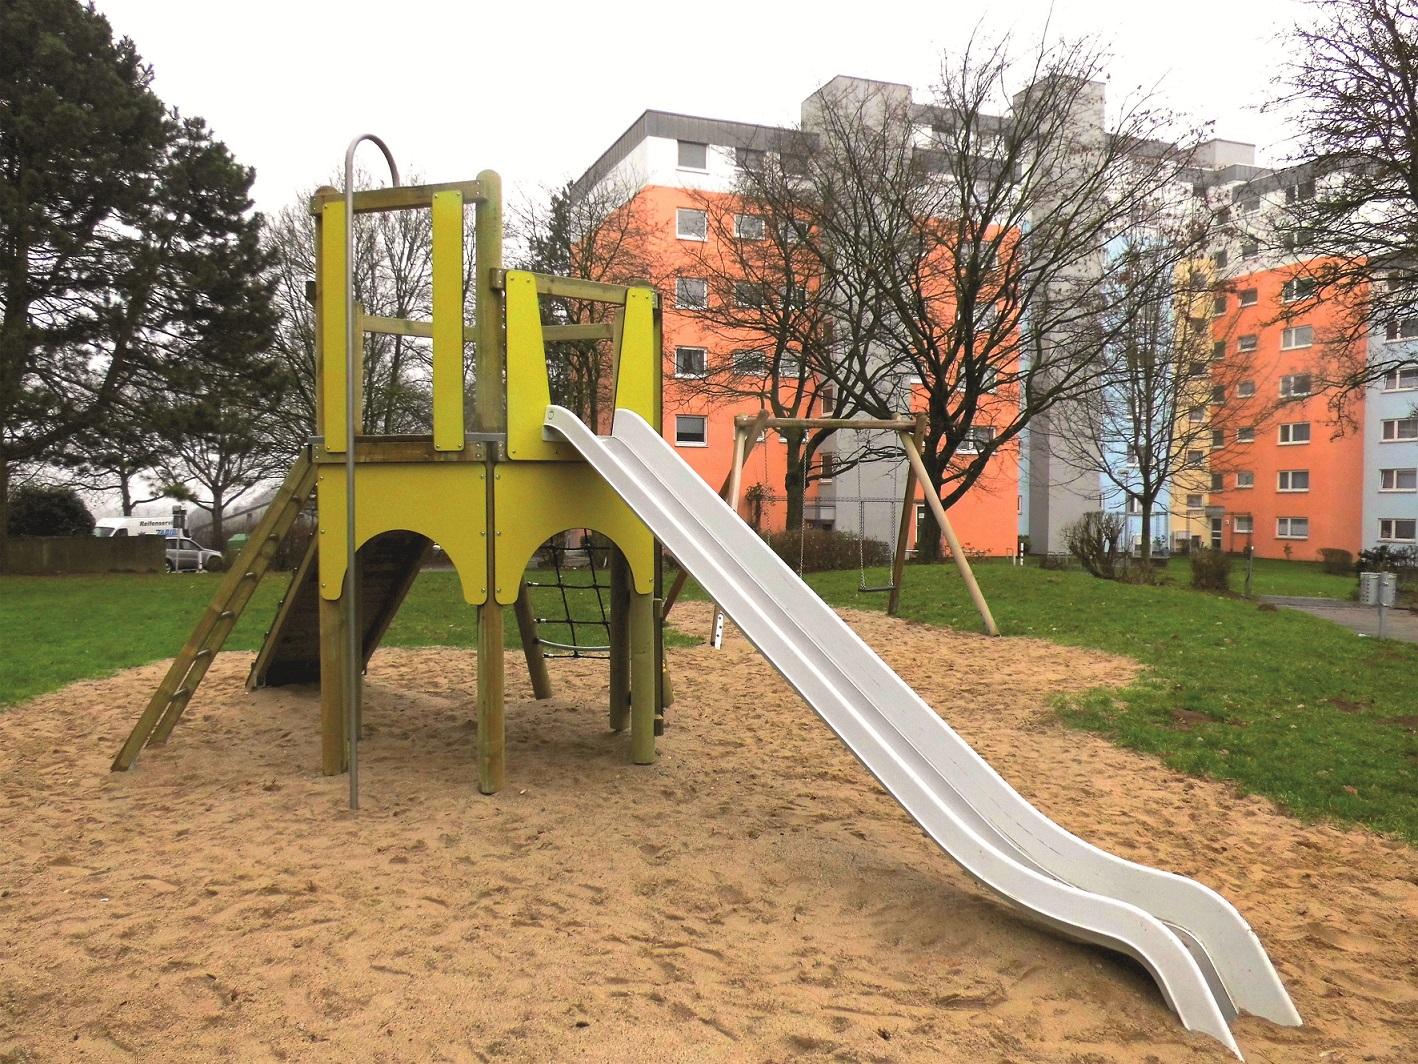 Klettergerüst Wohnung : Spielplatzbau in wuppertal vohwinkel abgeschlossen grand city